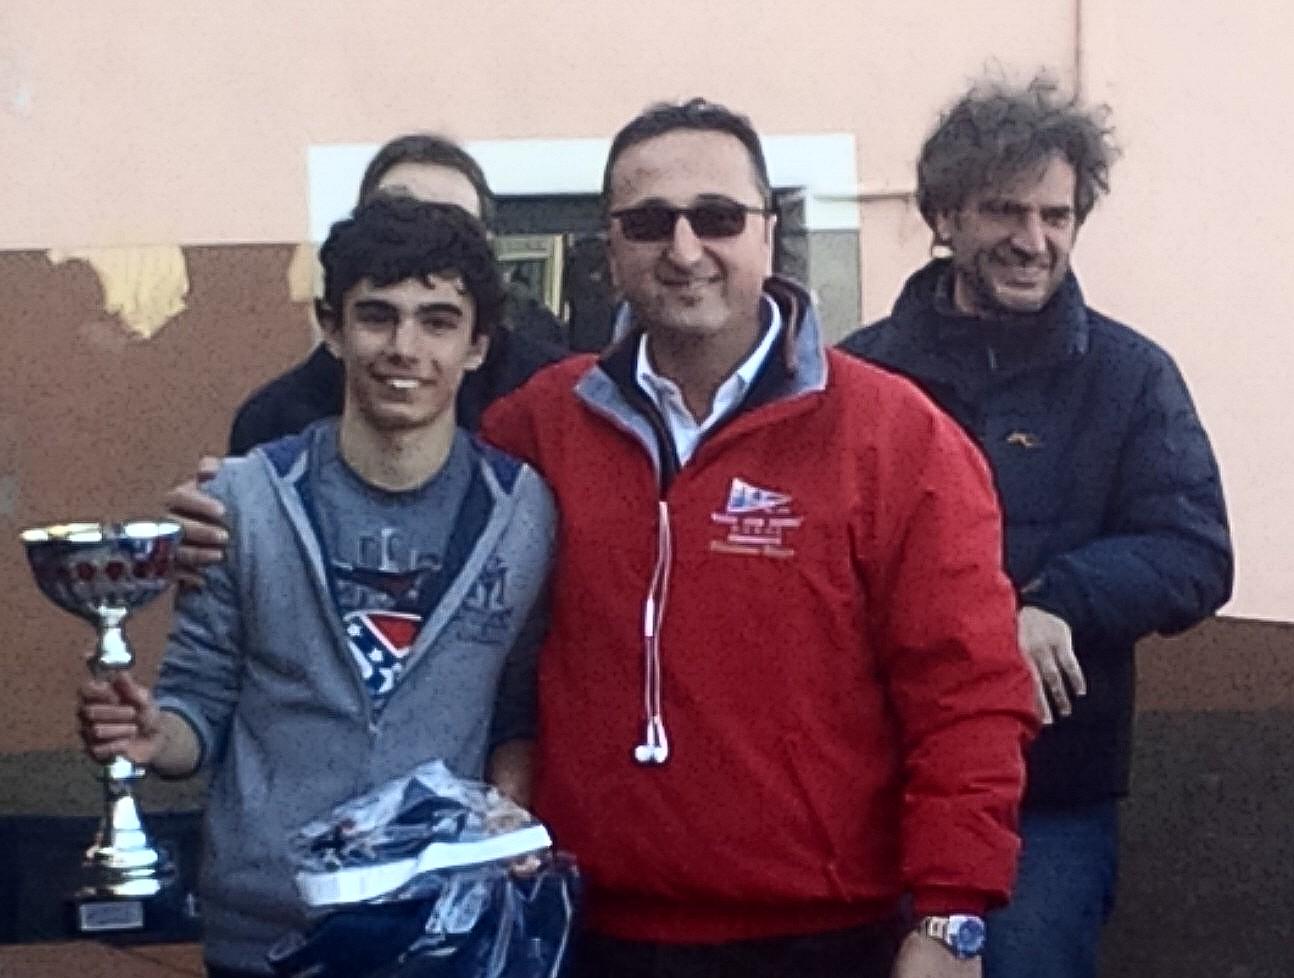 Il vincitore Narciso con il presidente dello Yacht Club Imperia Parlatore